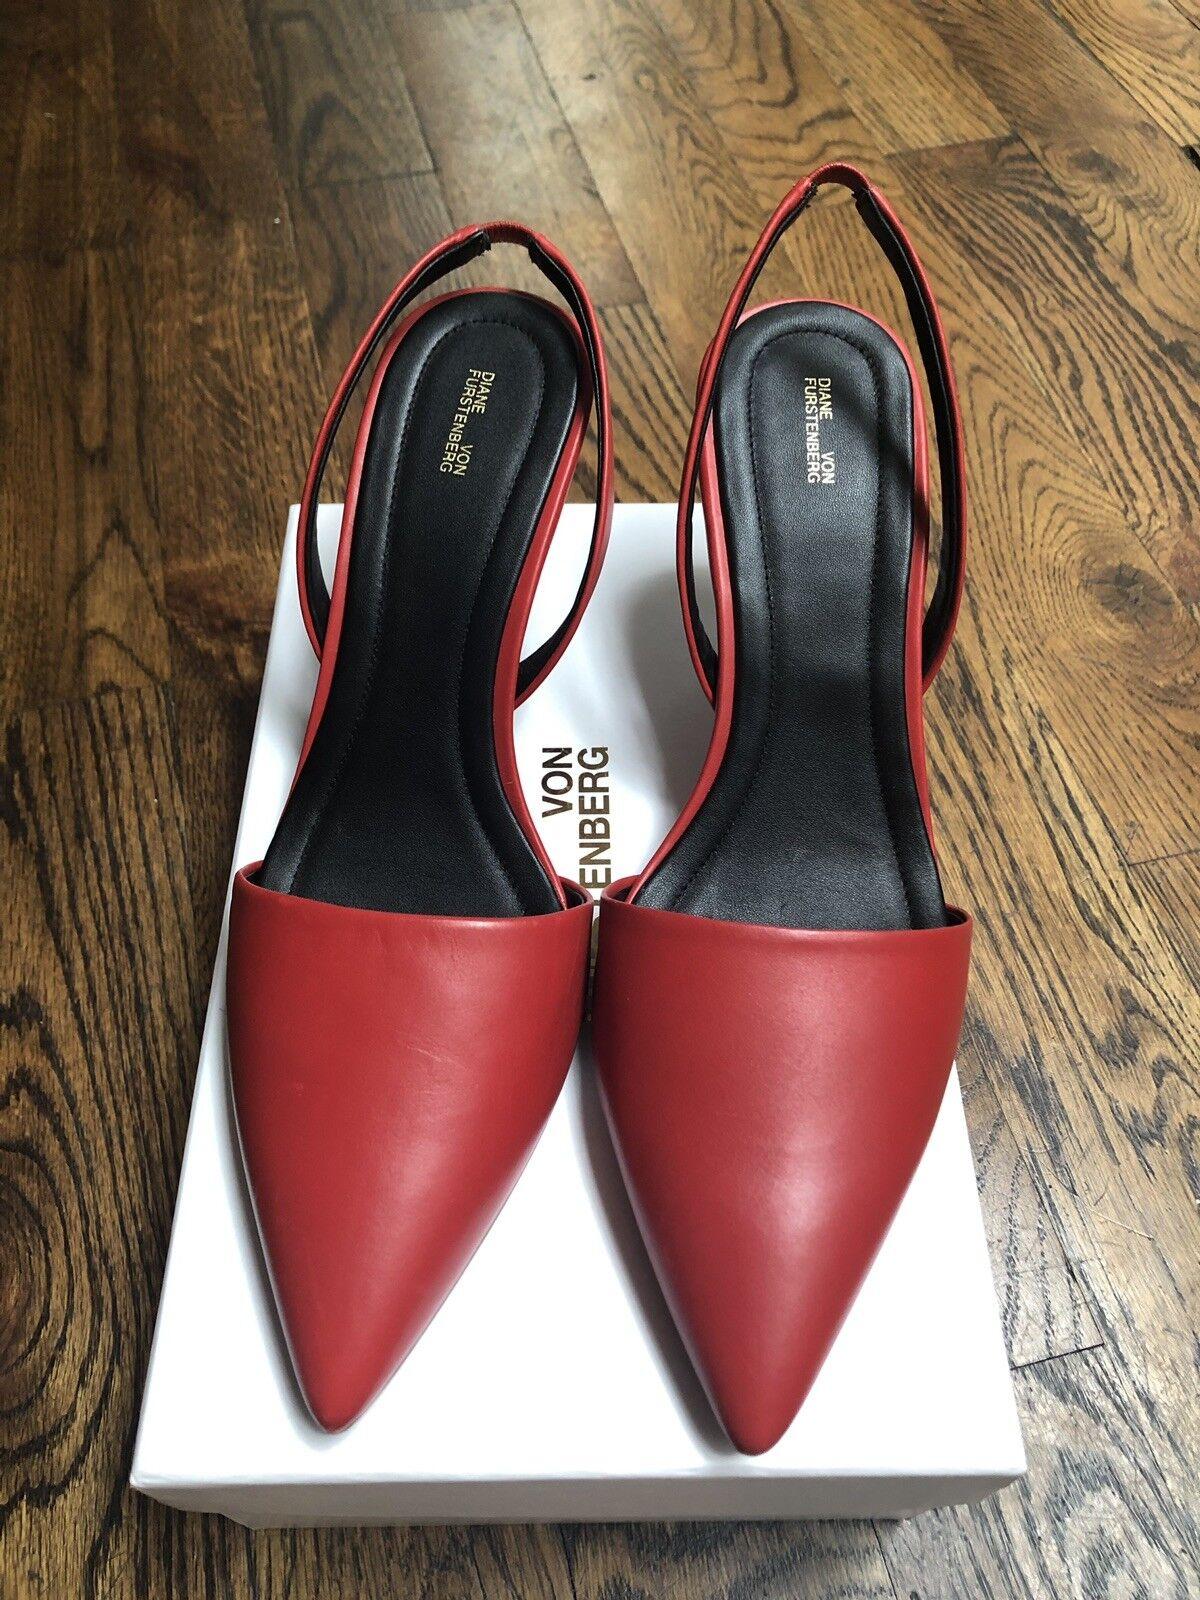 Diane Von Furstenberg Mortelle Heels 9.5 9.5 9.5 f212f0